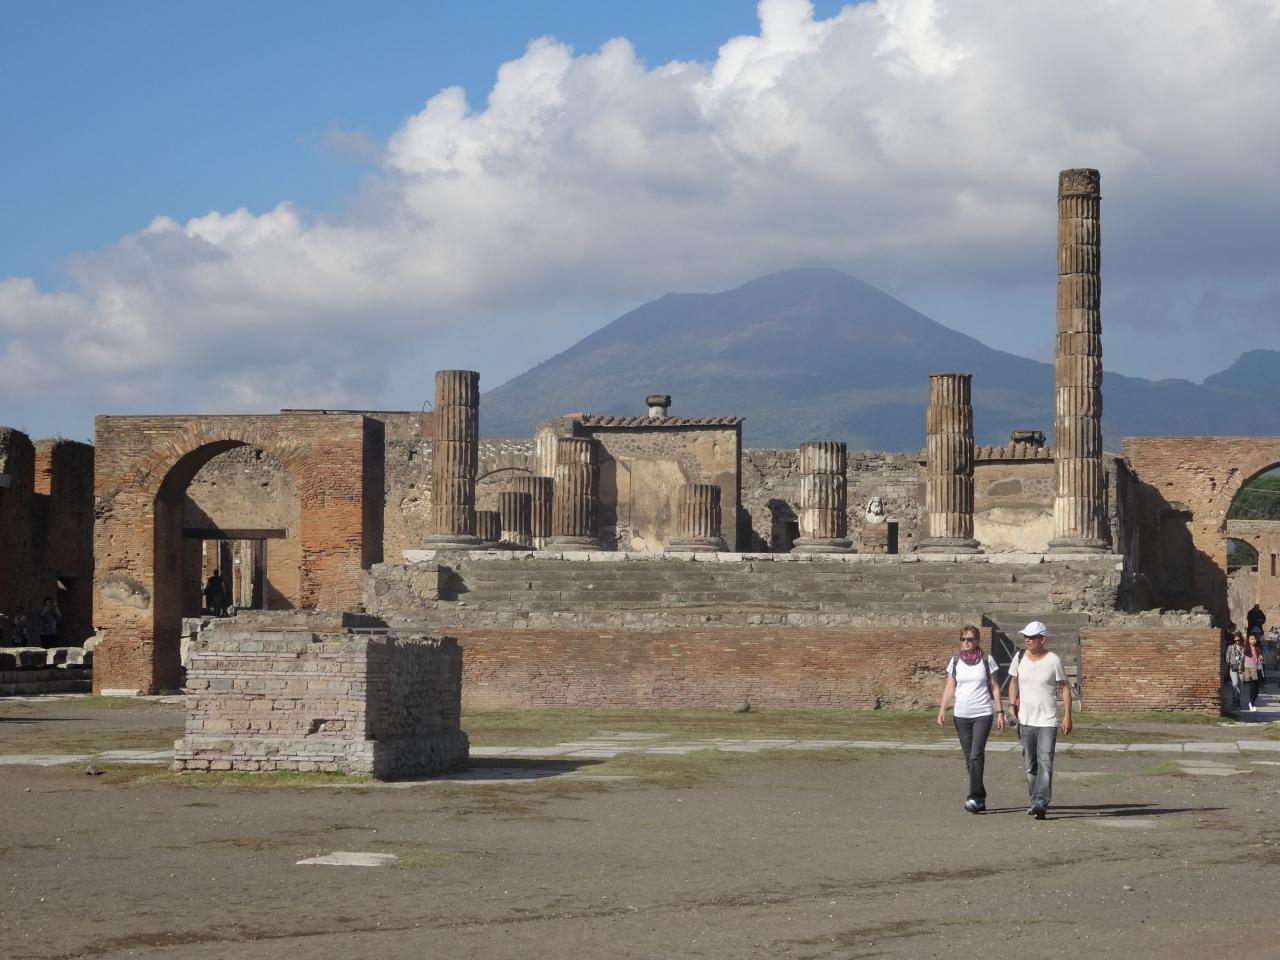 ポンペイ、ヘルクラネウム及びトッレ・アンヌンツィアータの遺跡地域の画像 p1_36